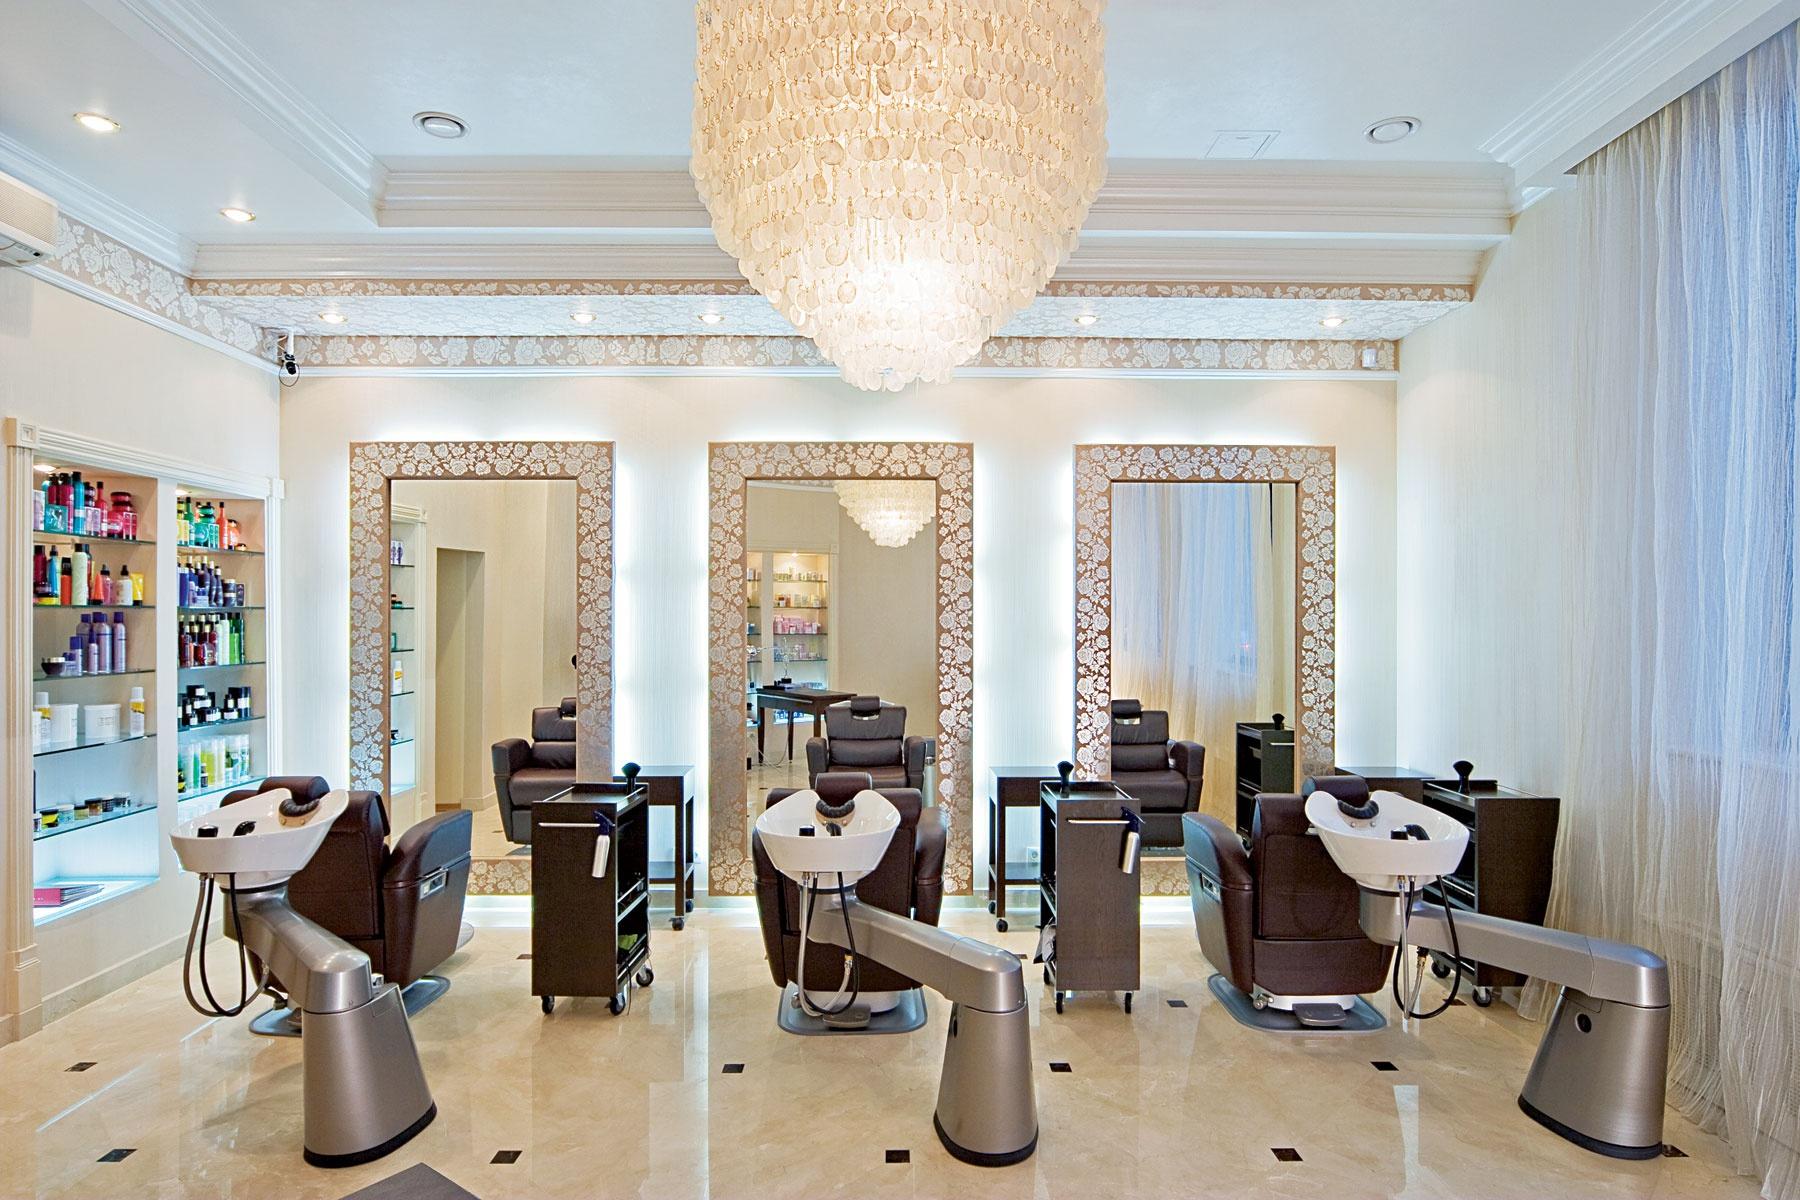 Как сделать правильный выбор в приобретении мойки для парикмахерского или косметического салона